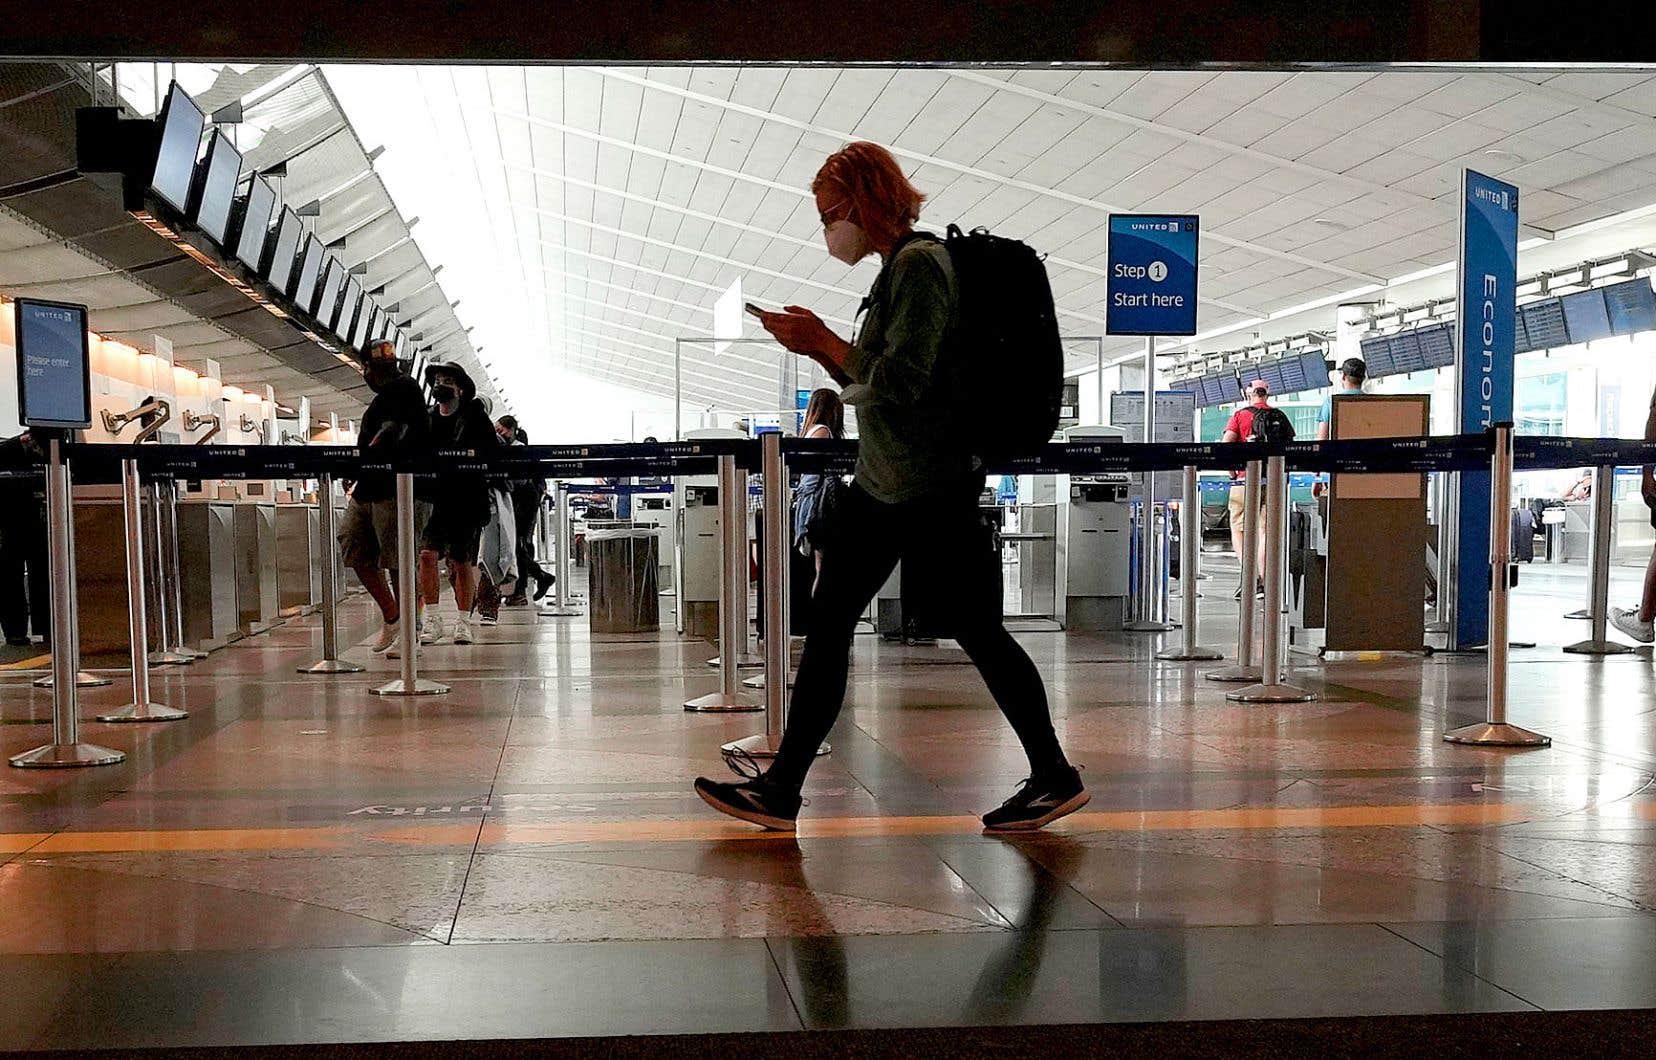 Des voyageurs à l'aéroport de Denver, en août dernier. En plus de devoir présenter une preuve de vaccination contre la COVID-19, les voyageurs internationaux devront porter un masque et se faire tester dans les trois jours précédant leur voyage vers les États-Unis.